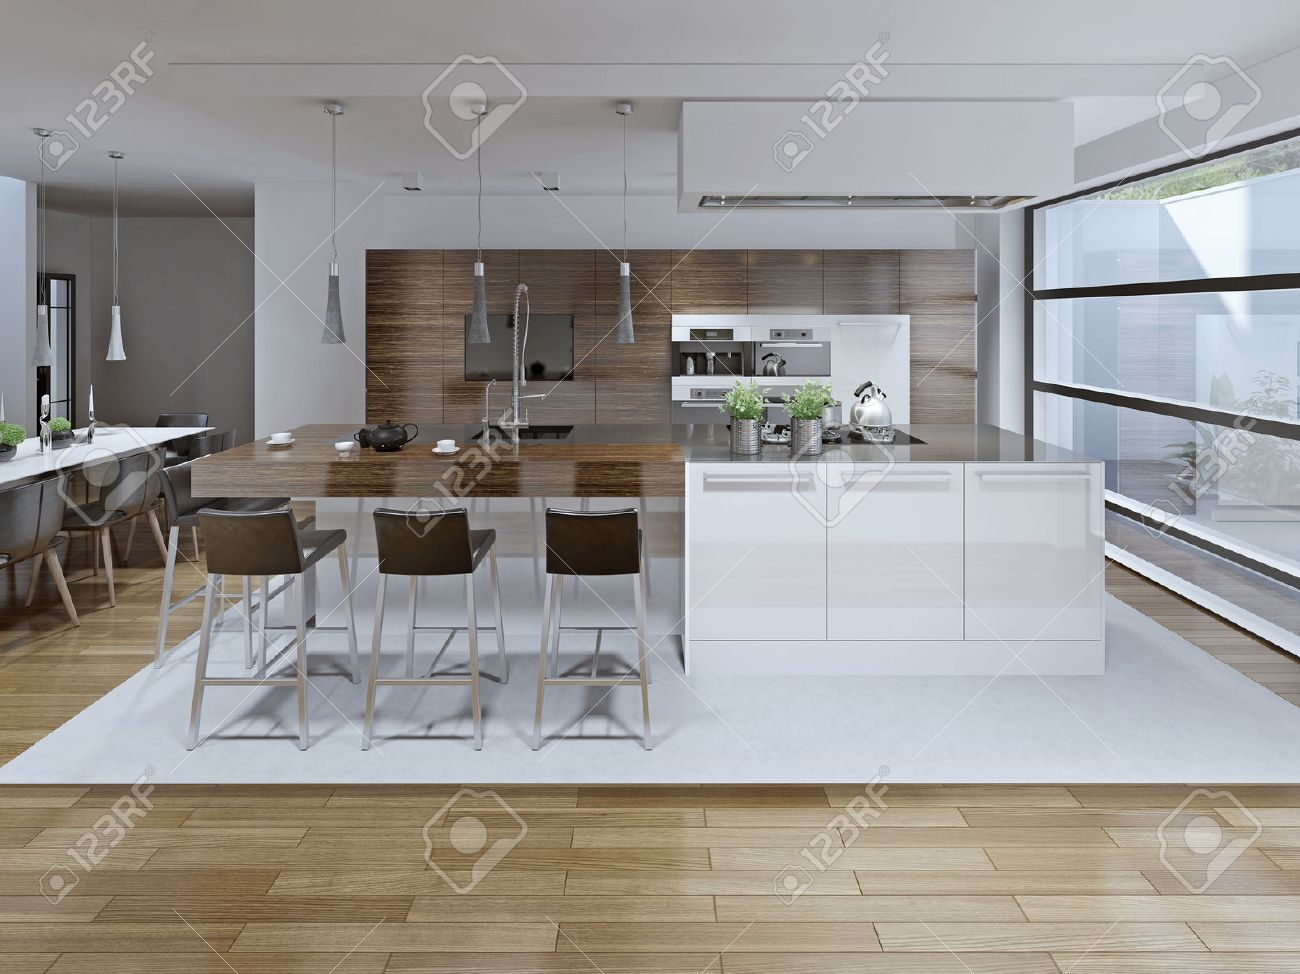 Niedlich 3d Küchenmodell Frei Fotos - Küche Set Ideen ...